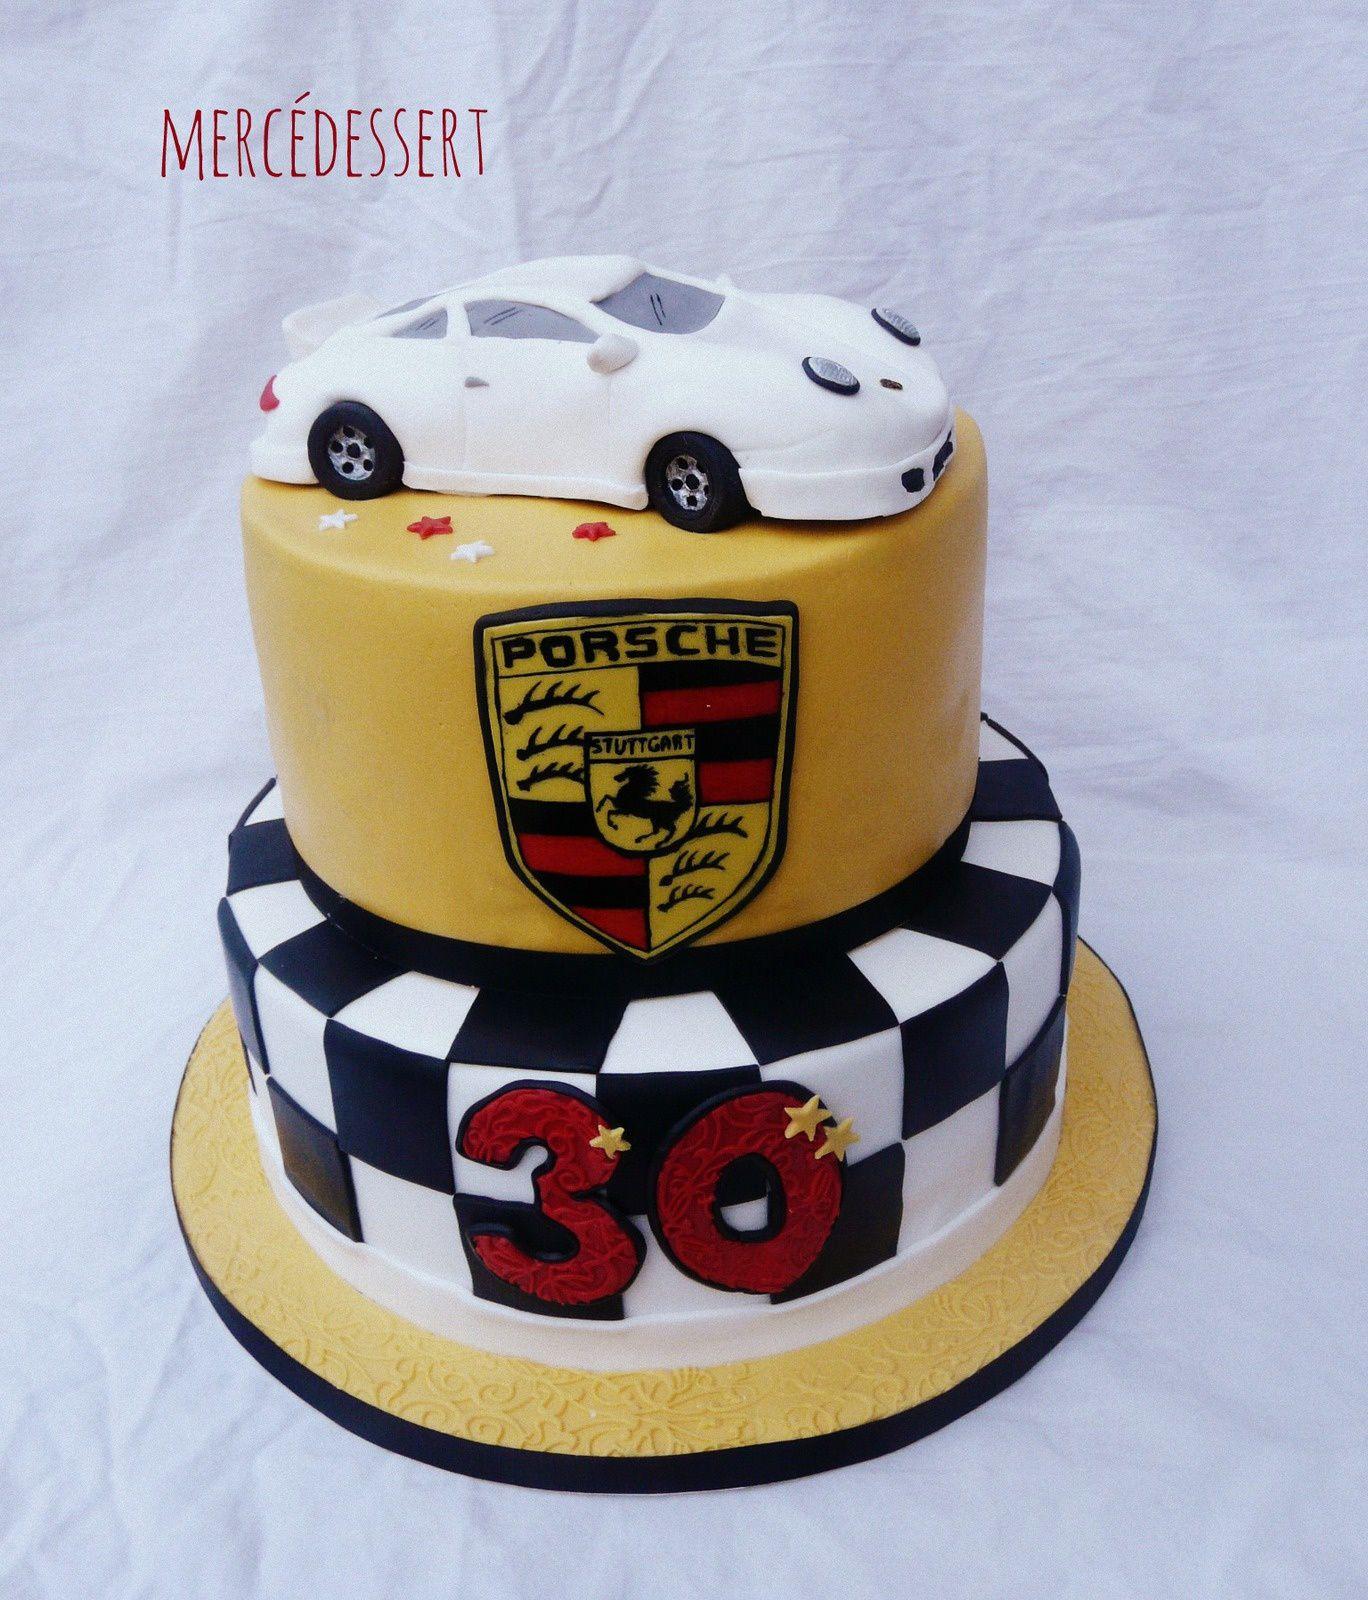 Gâteau Porsche 911 Sport Classic - Génoise chocolat et ganache chocolat noir - 50 personnes (29 novembre 2014)